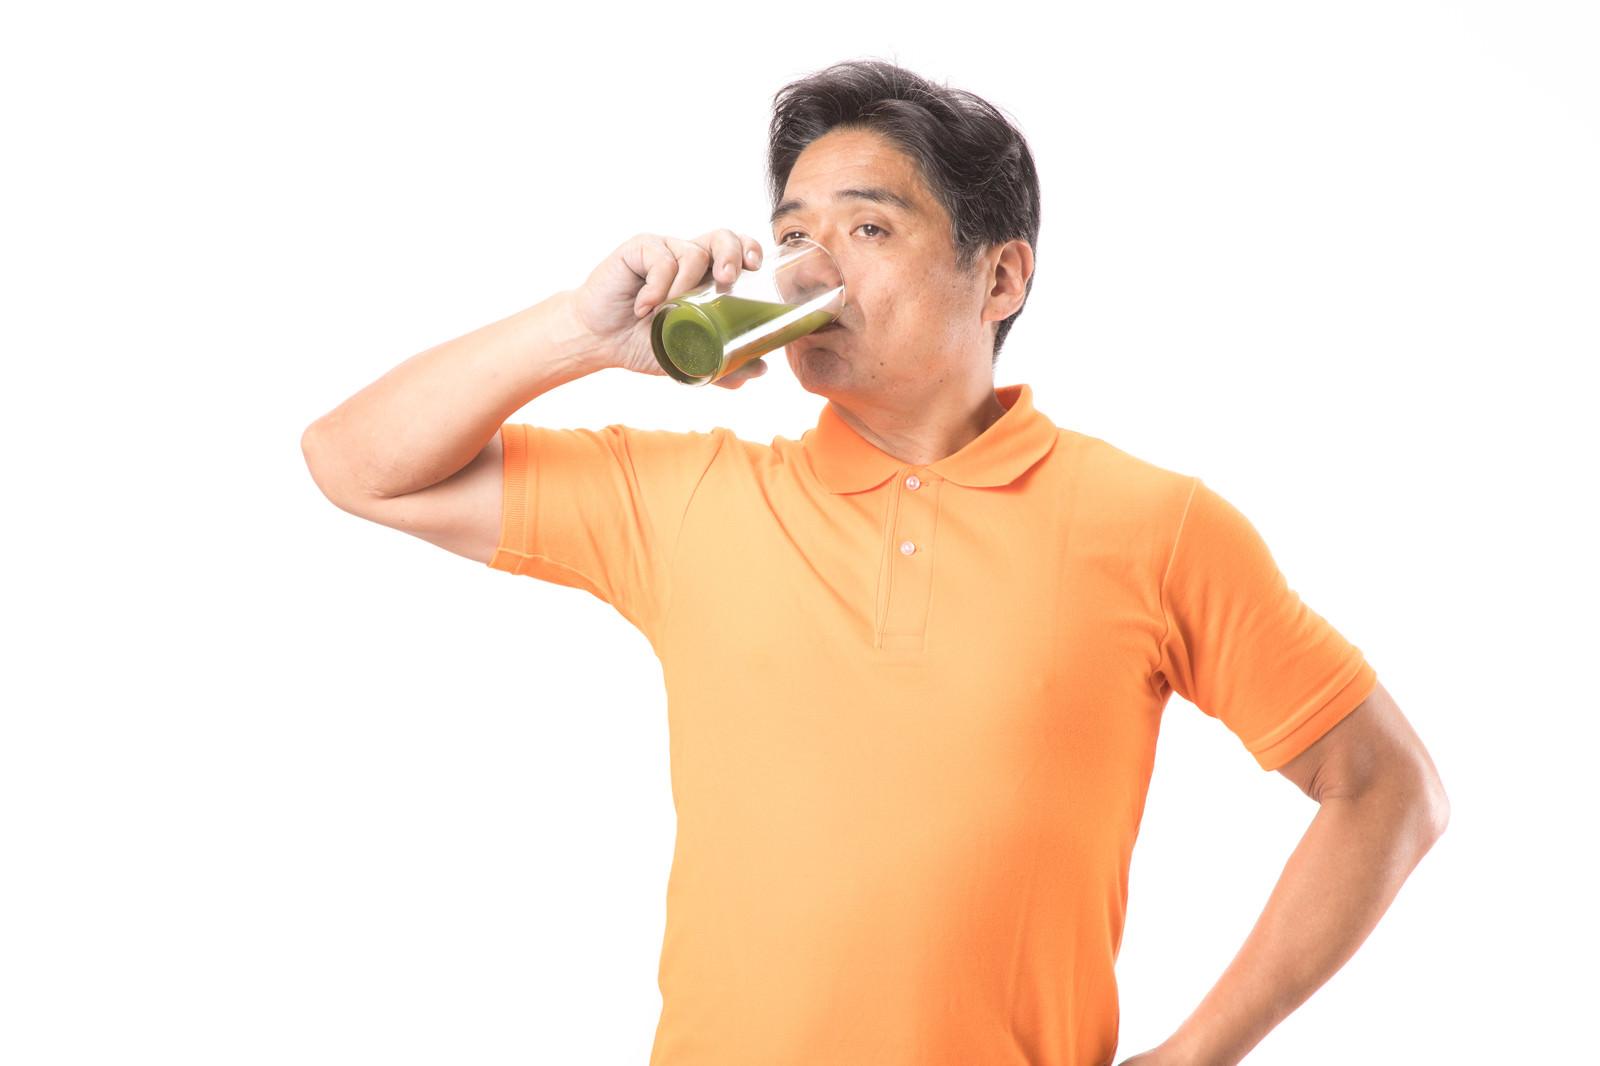 「青汁をグビグビ飲む健康お父さん」の写真[モデル:よたか]